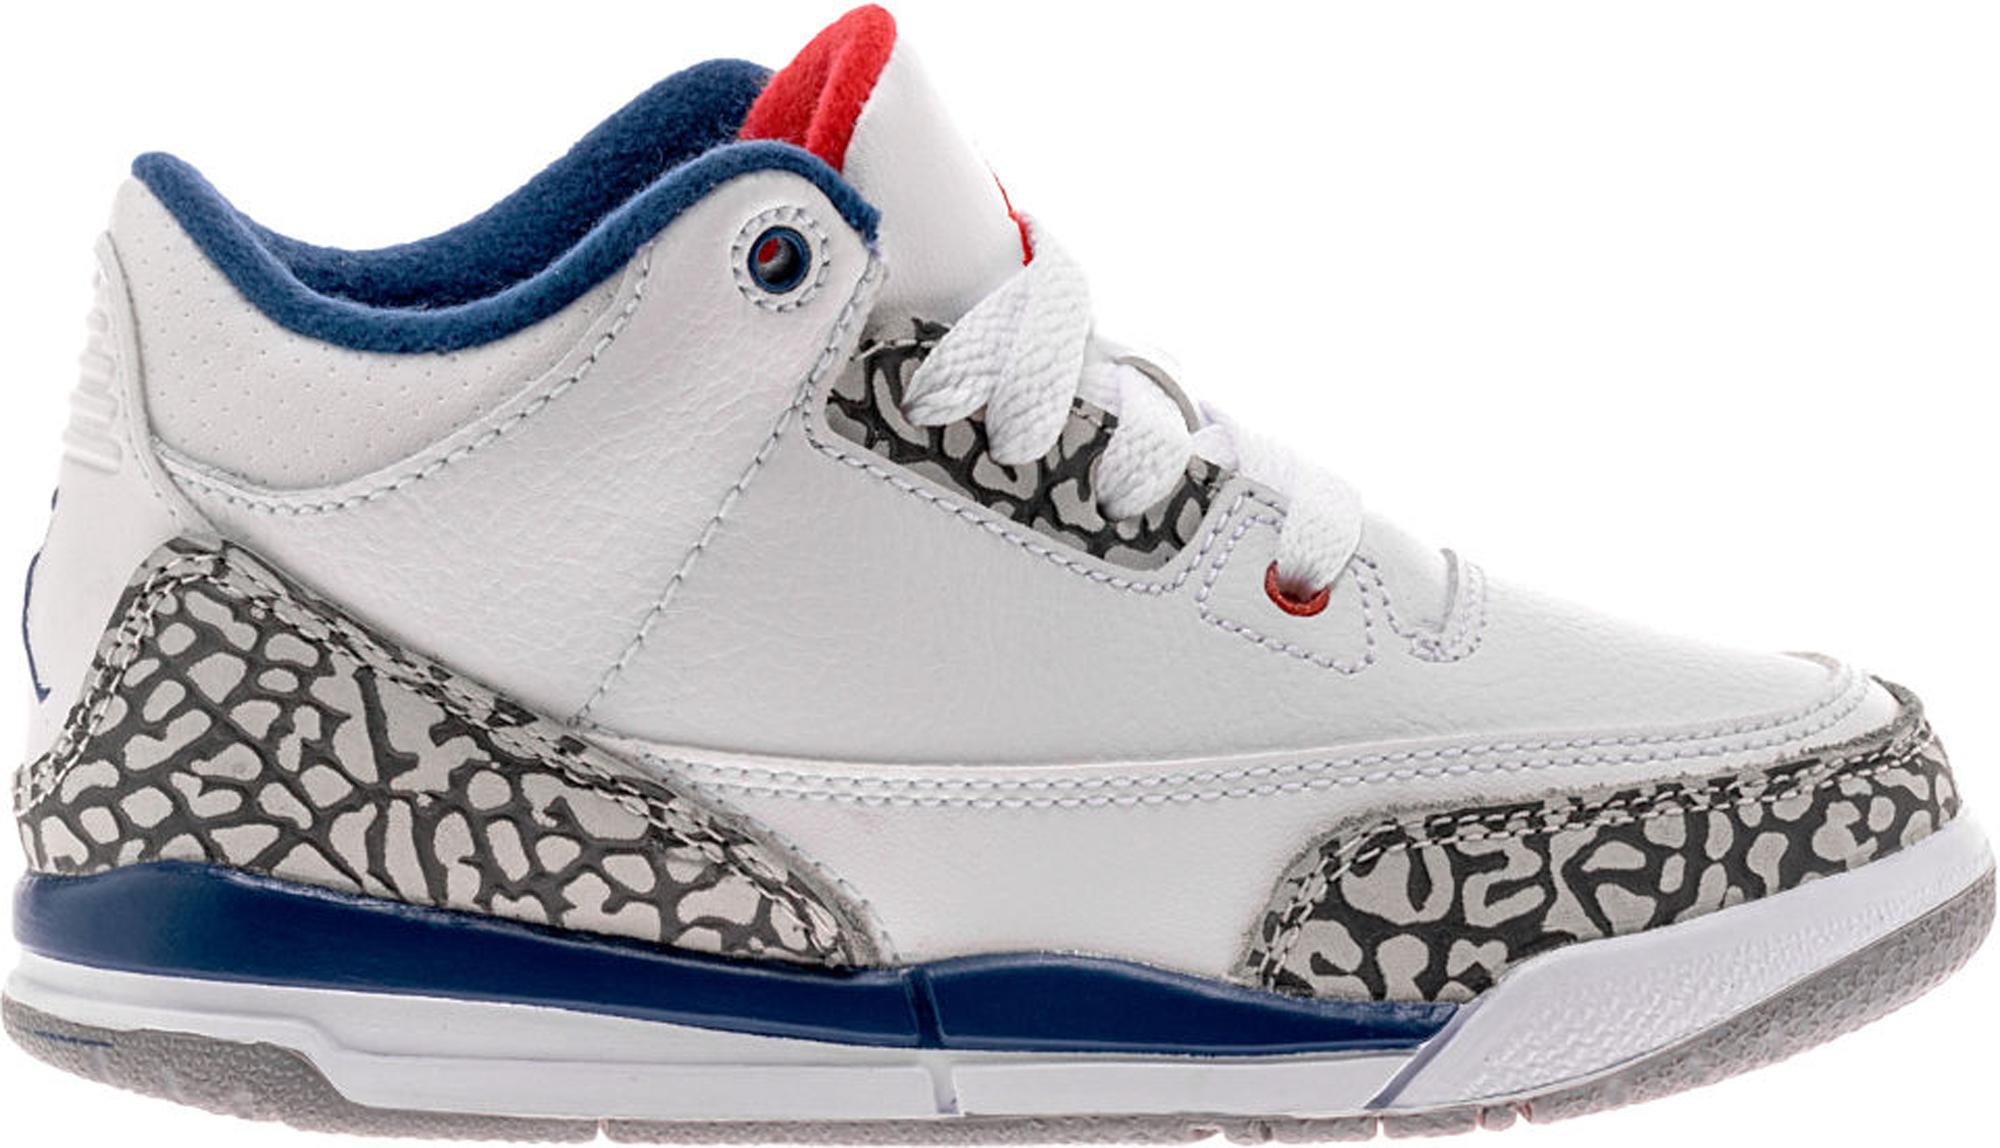 Jordan 3 Retro True Blue 2016 (PS)